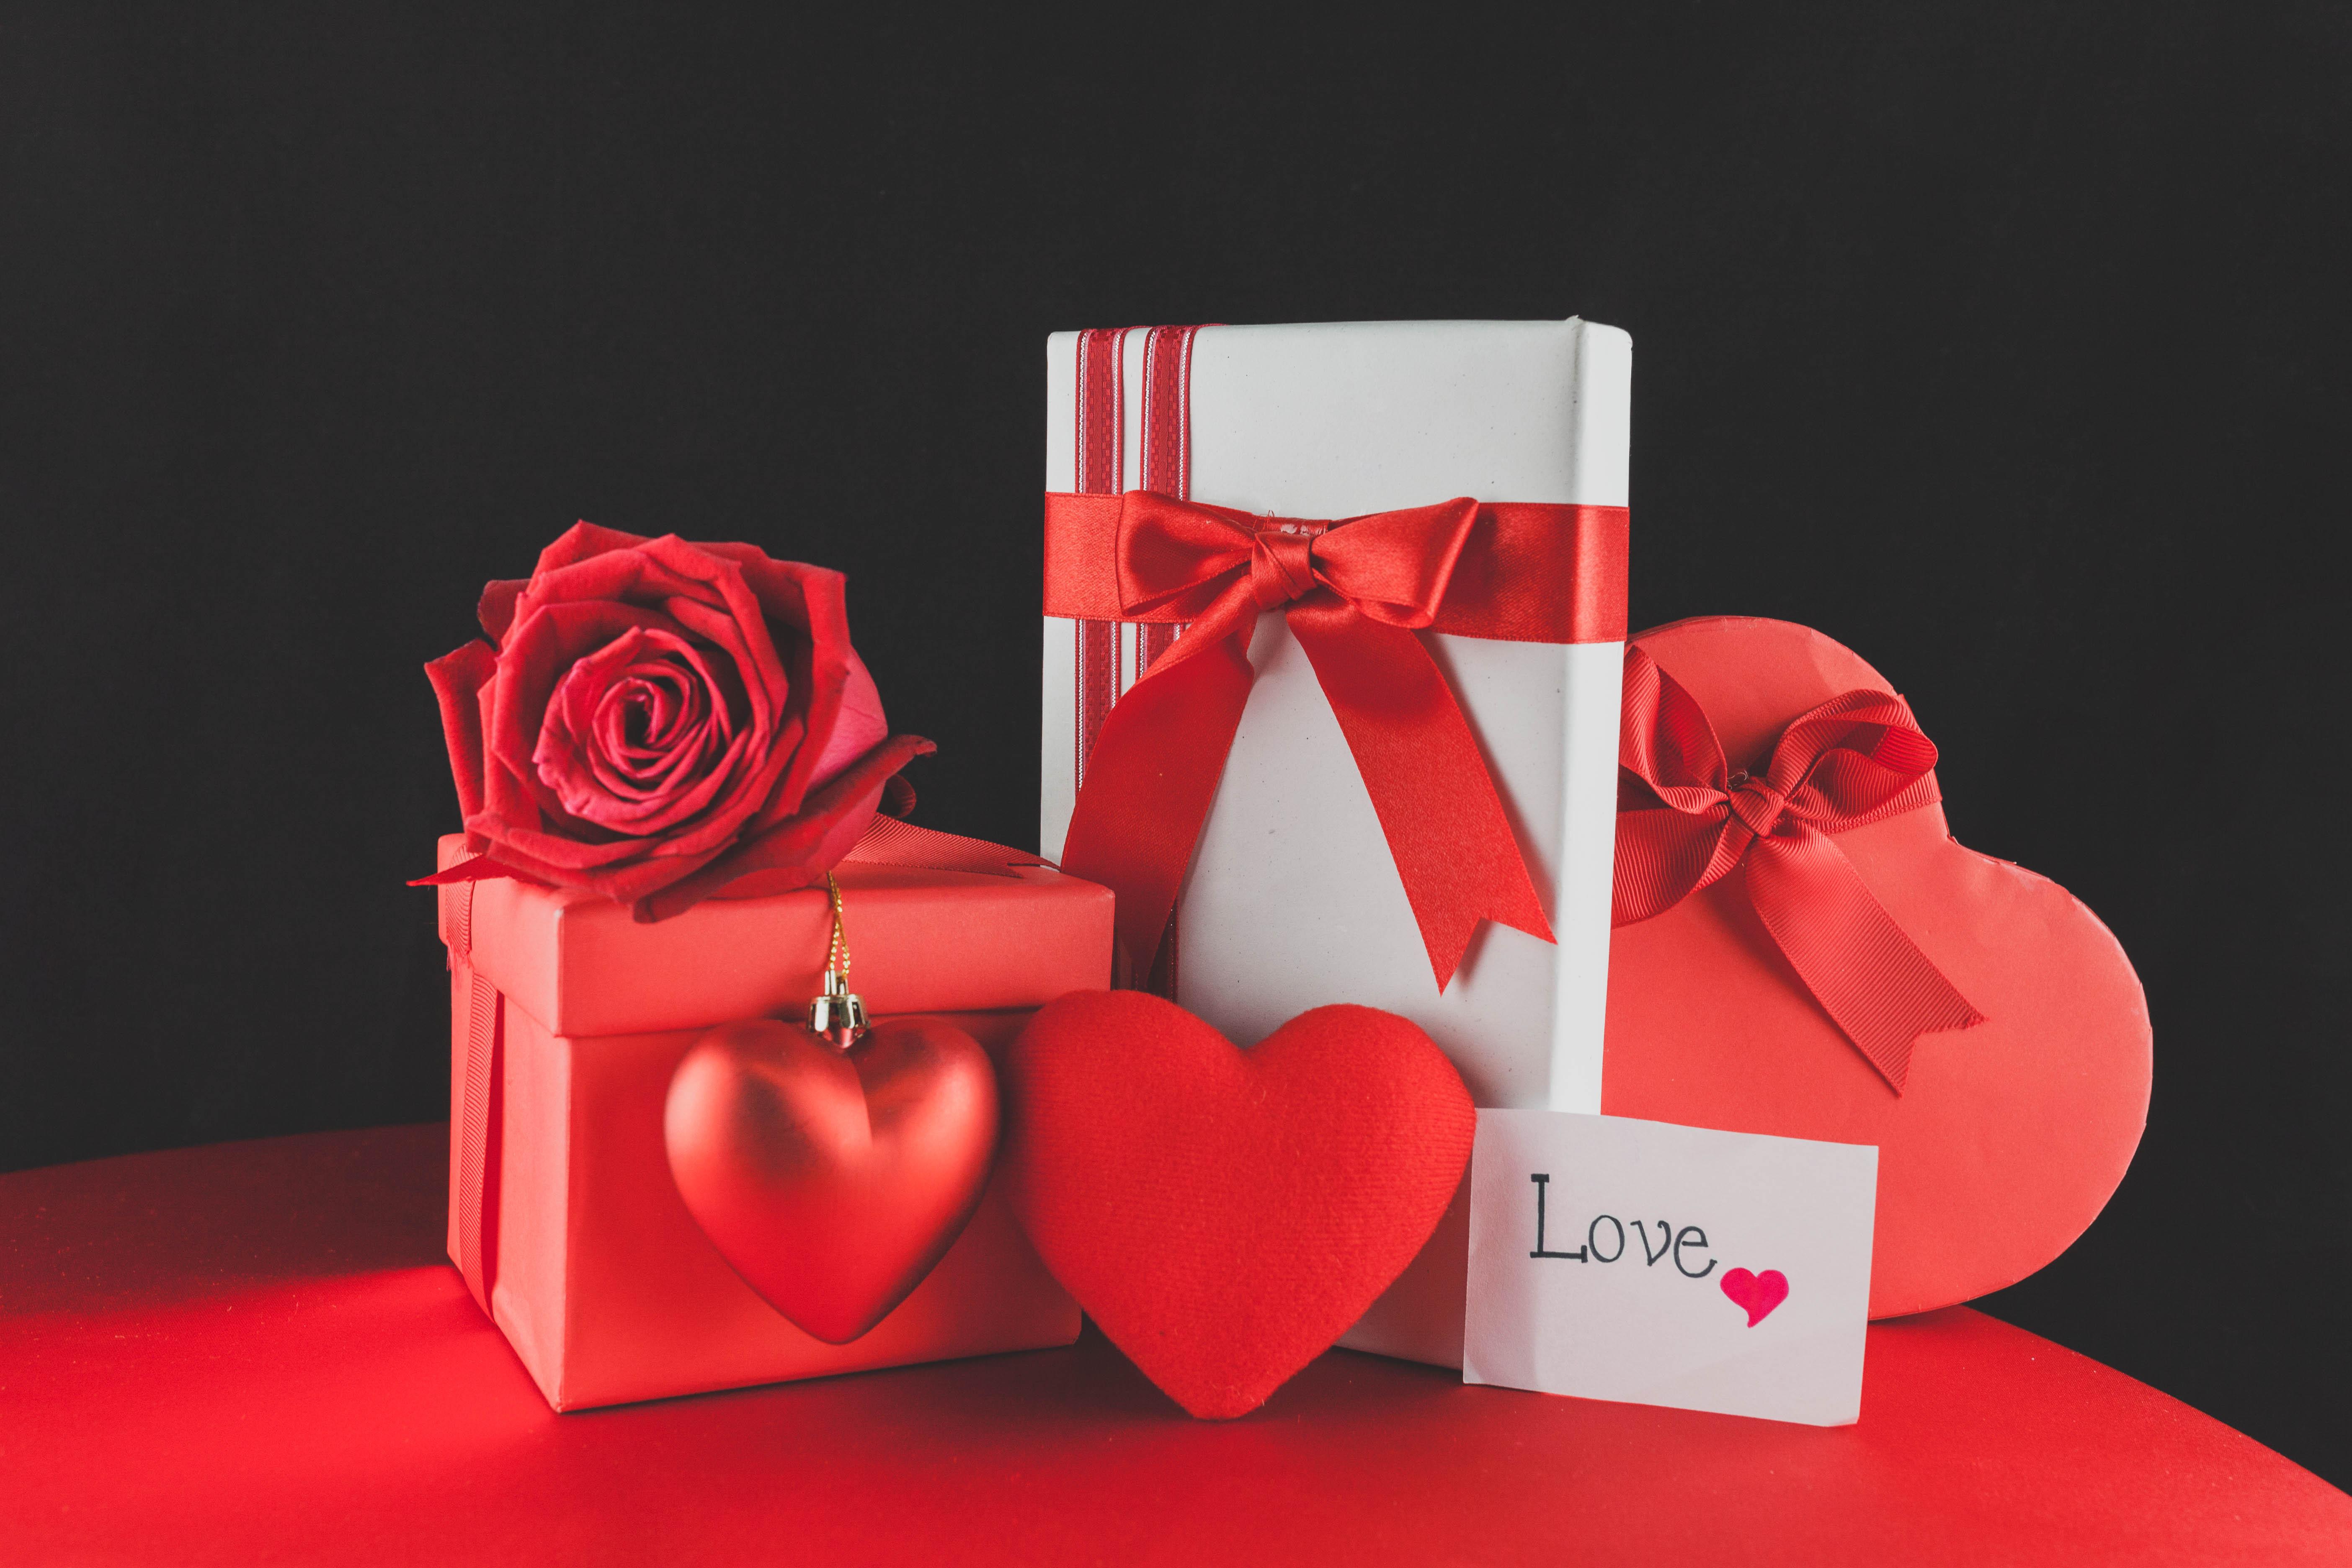 Валентин день фотографии